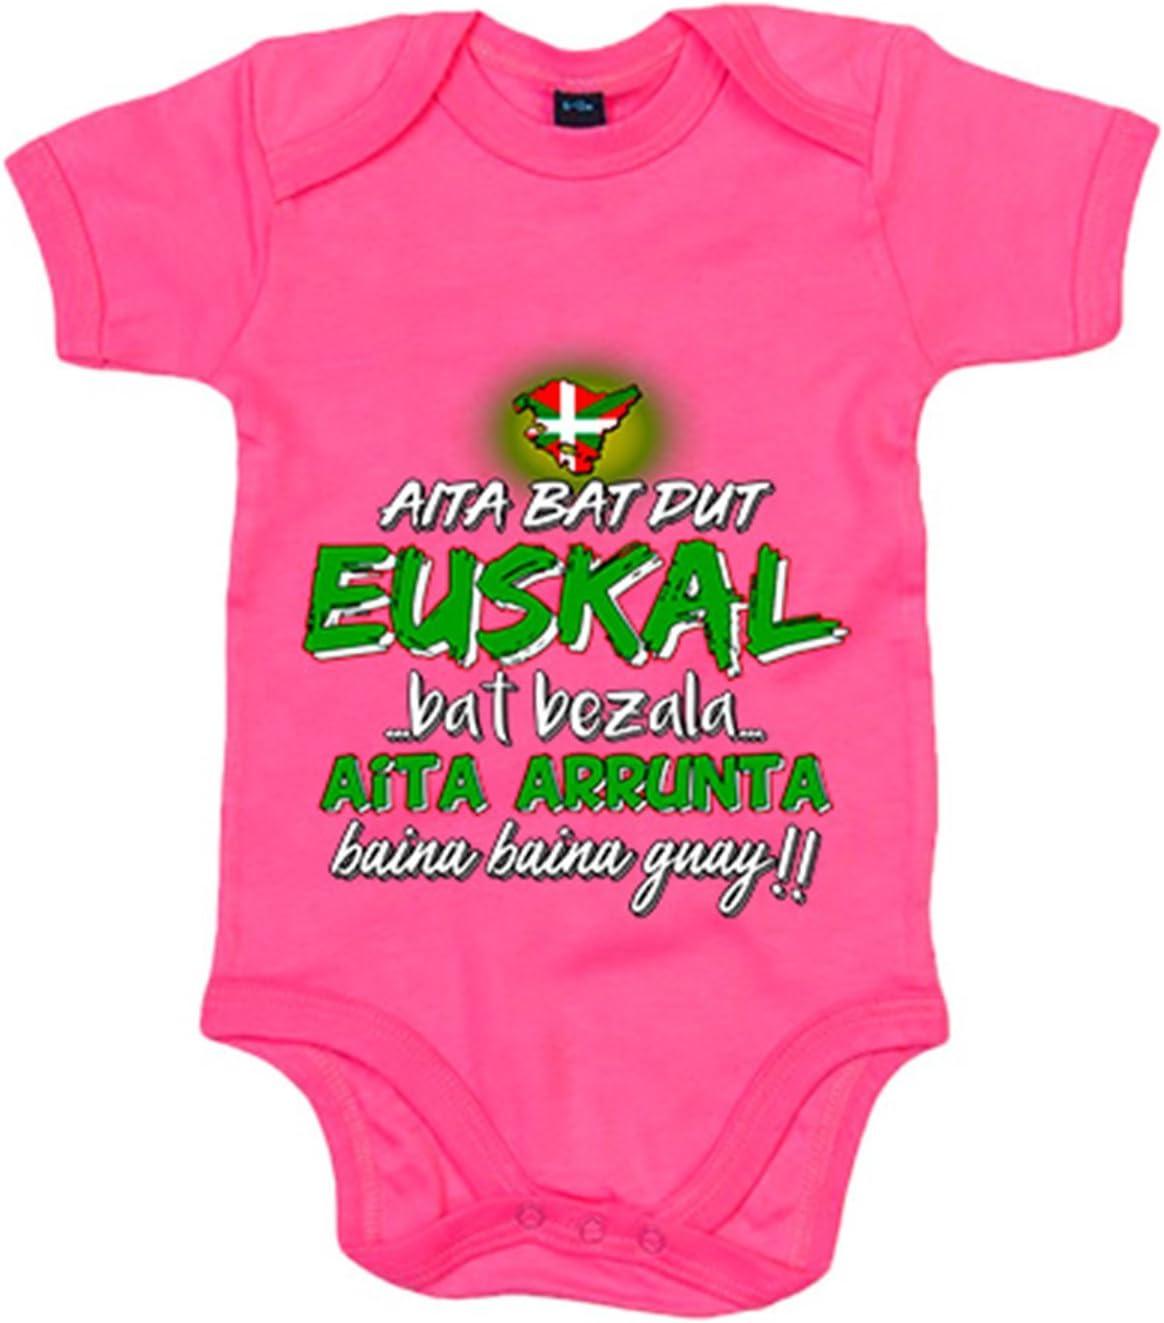 Body bébé aita Bat dut Euskal Bat bezala aita arrunta Baina Baina Guay 6-12 meses rose